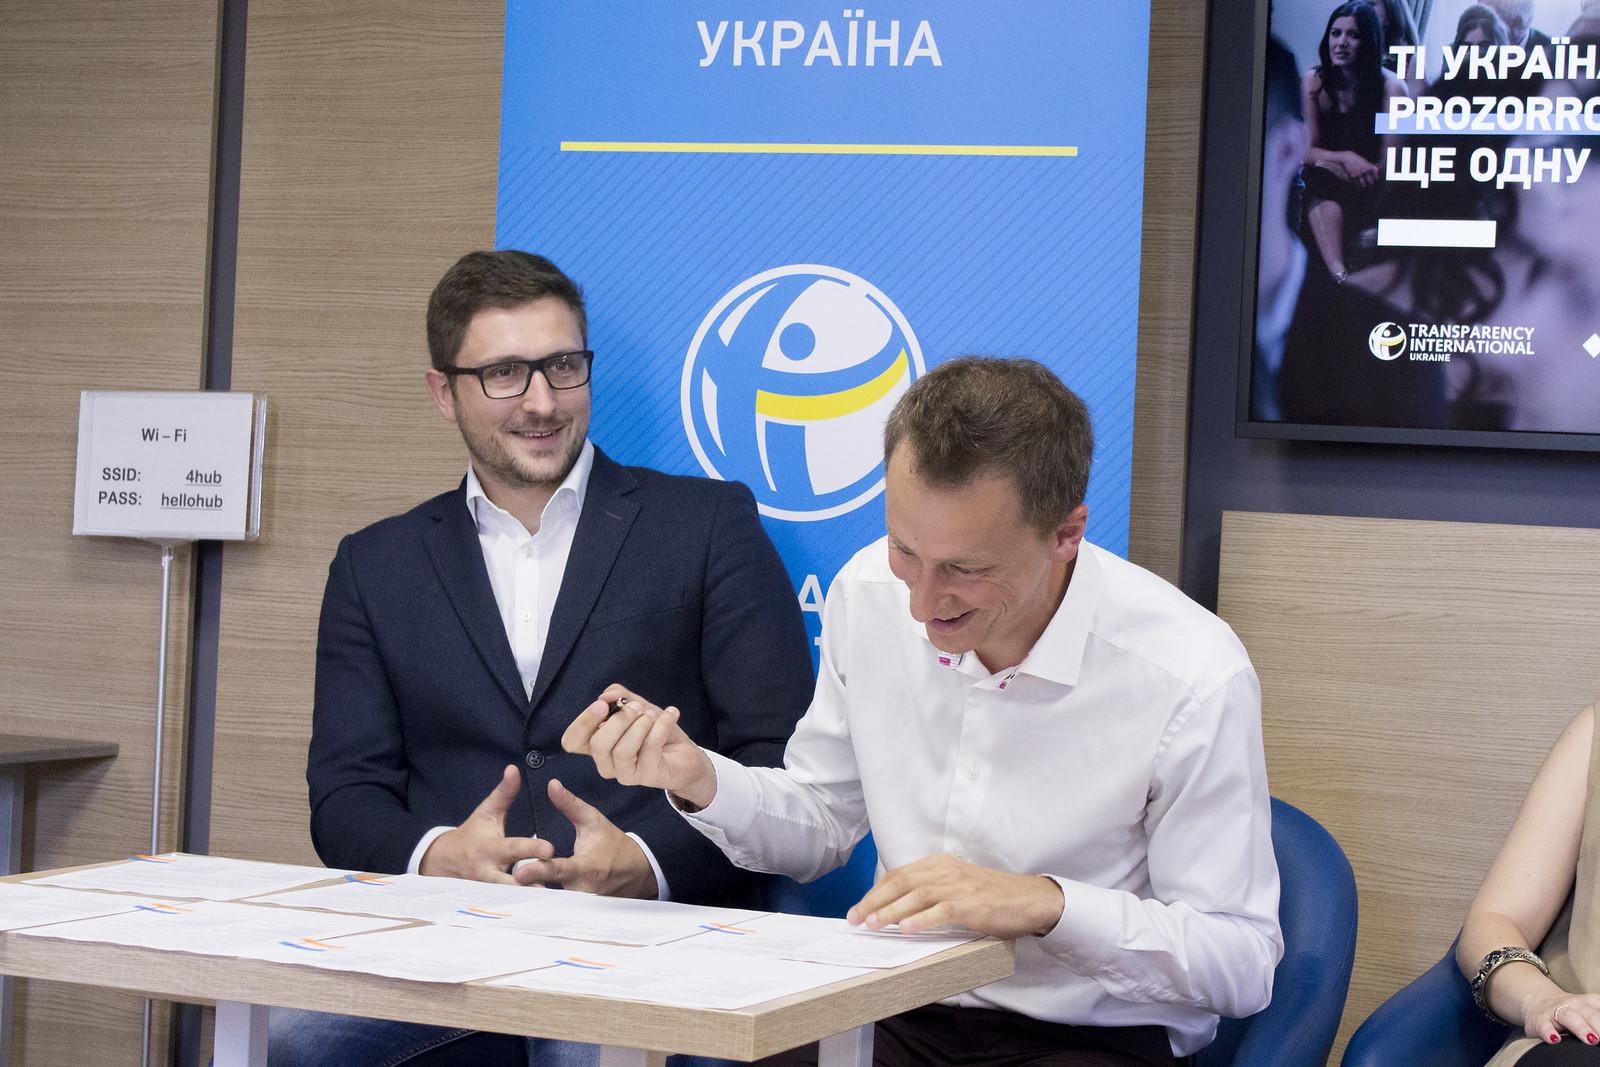 ТІ Україна передає базу даних до ProZorro.Продажі